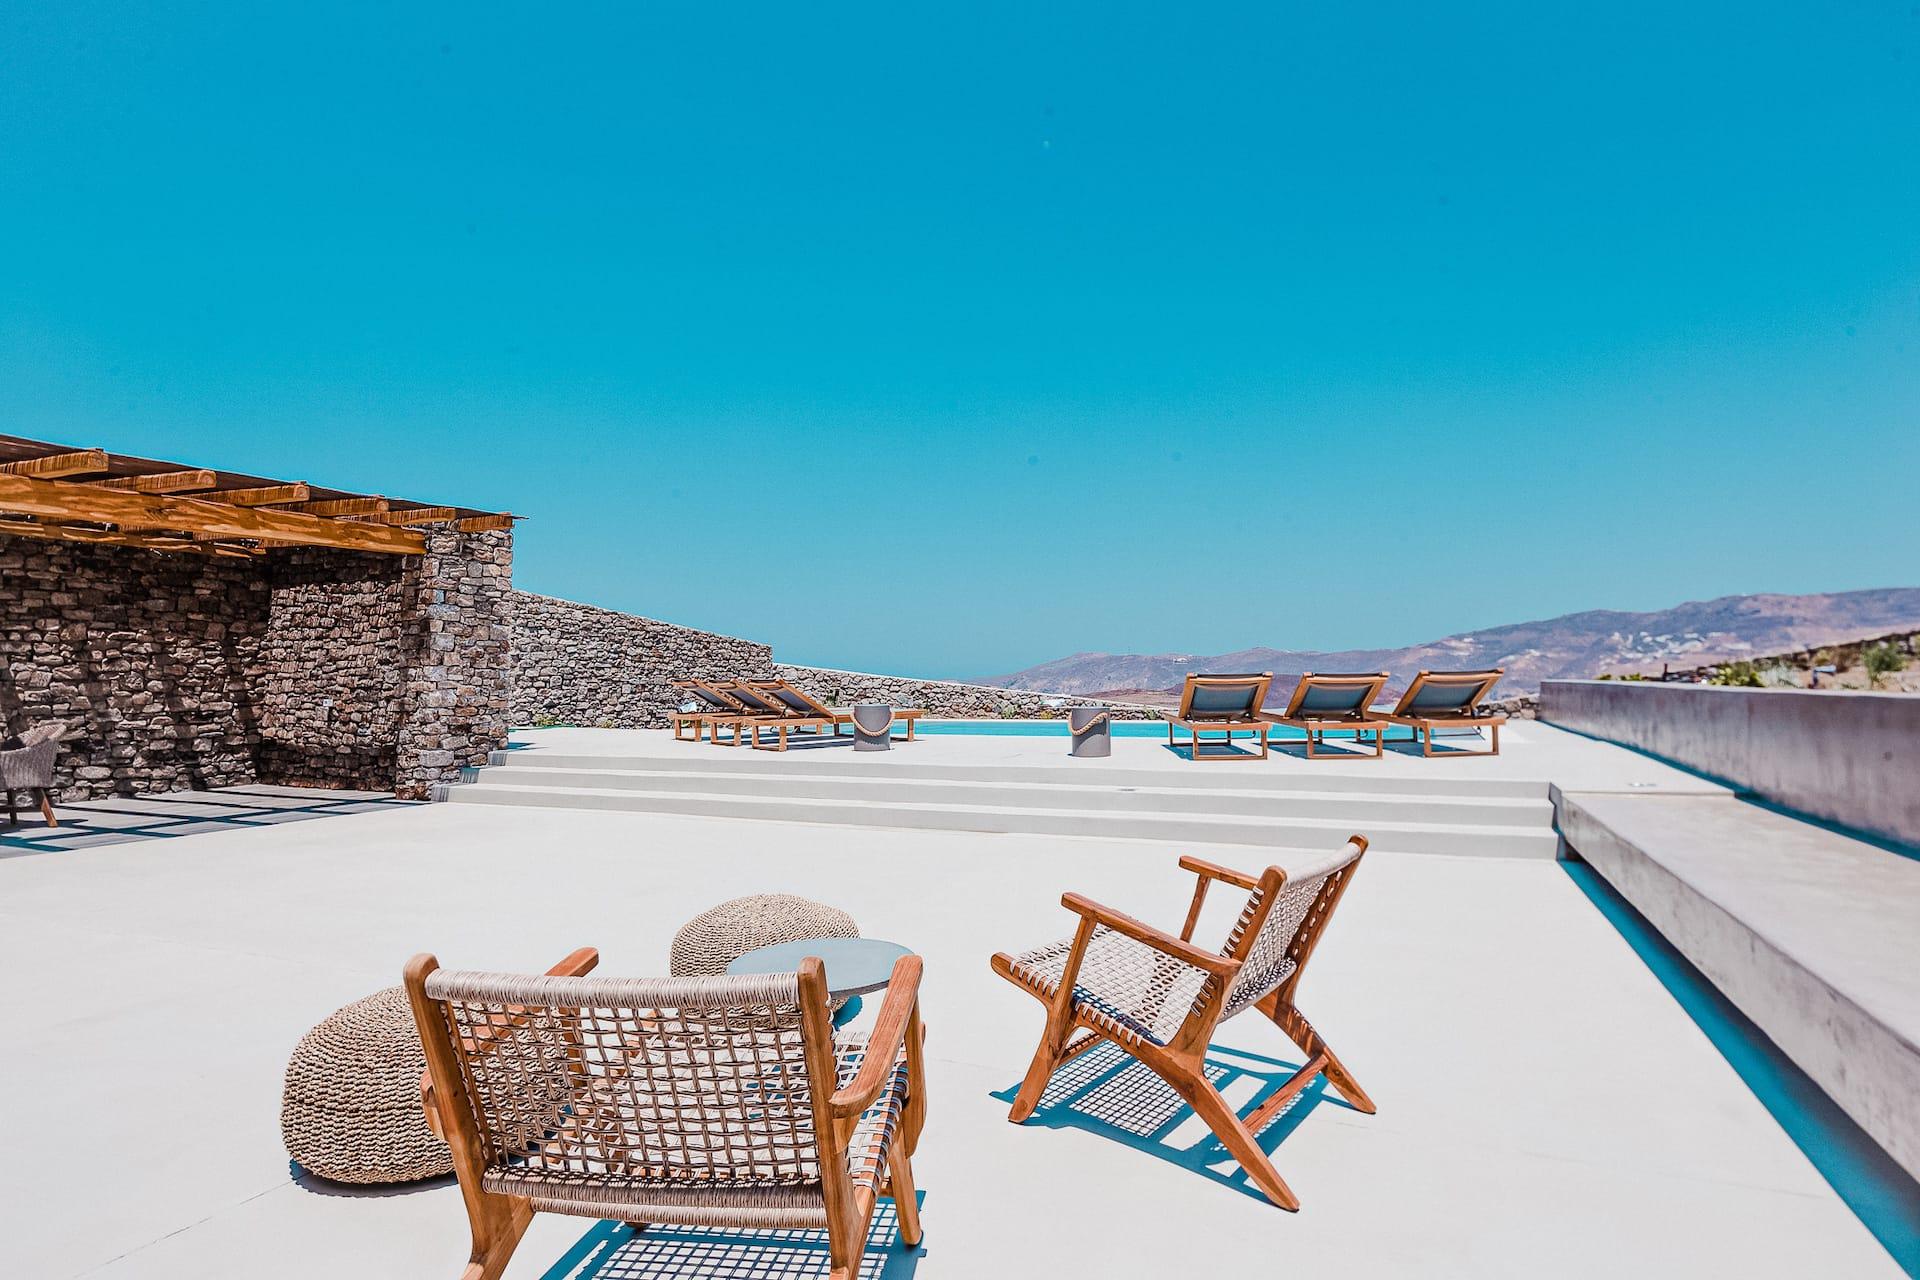 The villa Astrea, private terrace with sitting area. A luxury private pool villa in Ftelia, Mykonos.